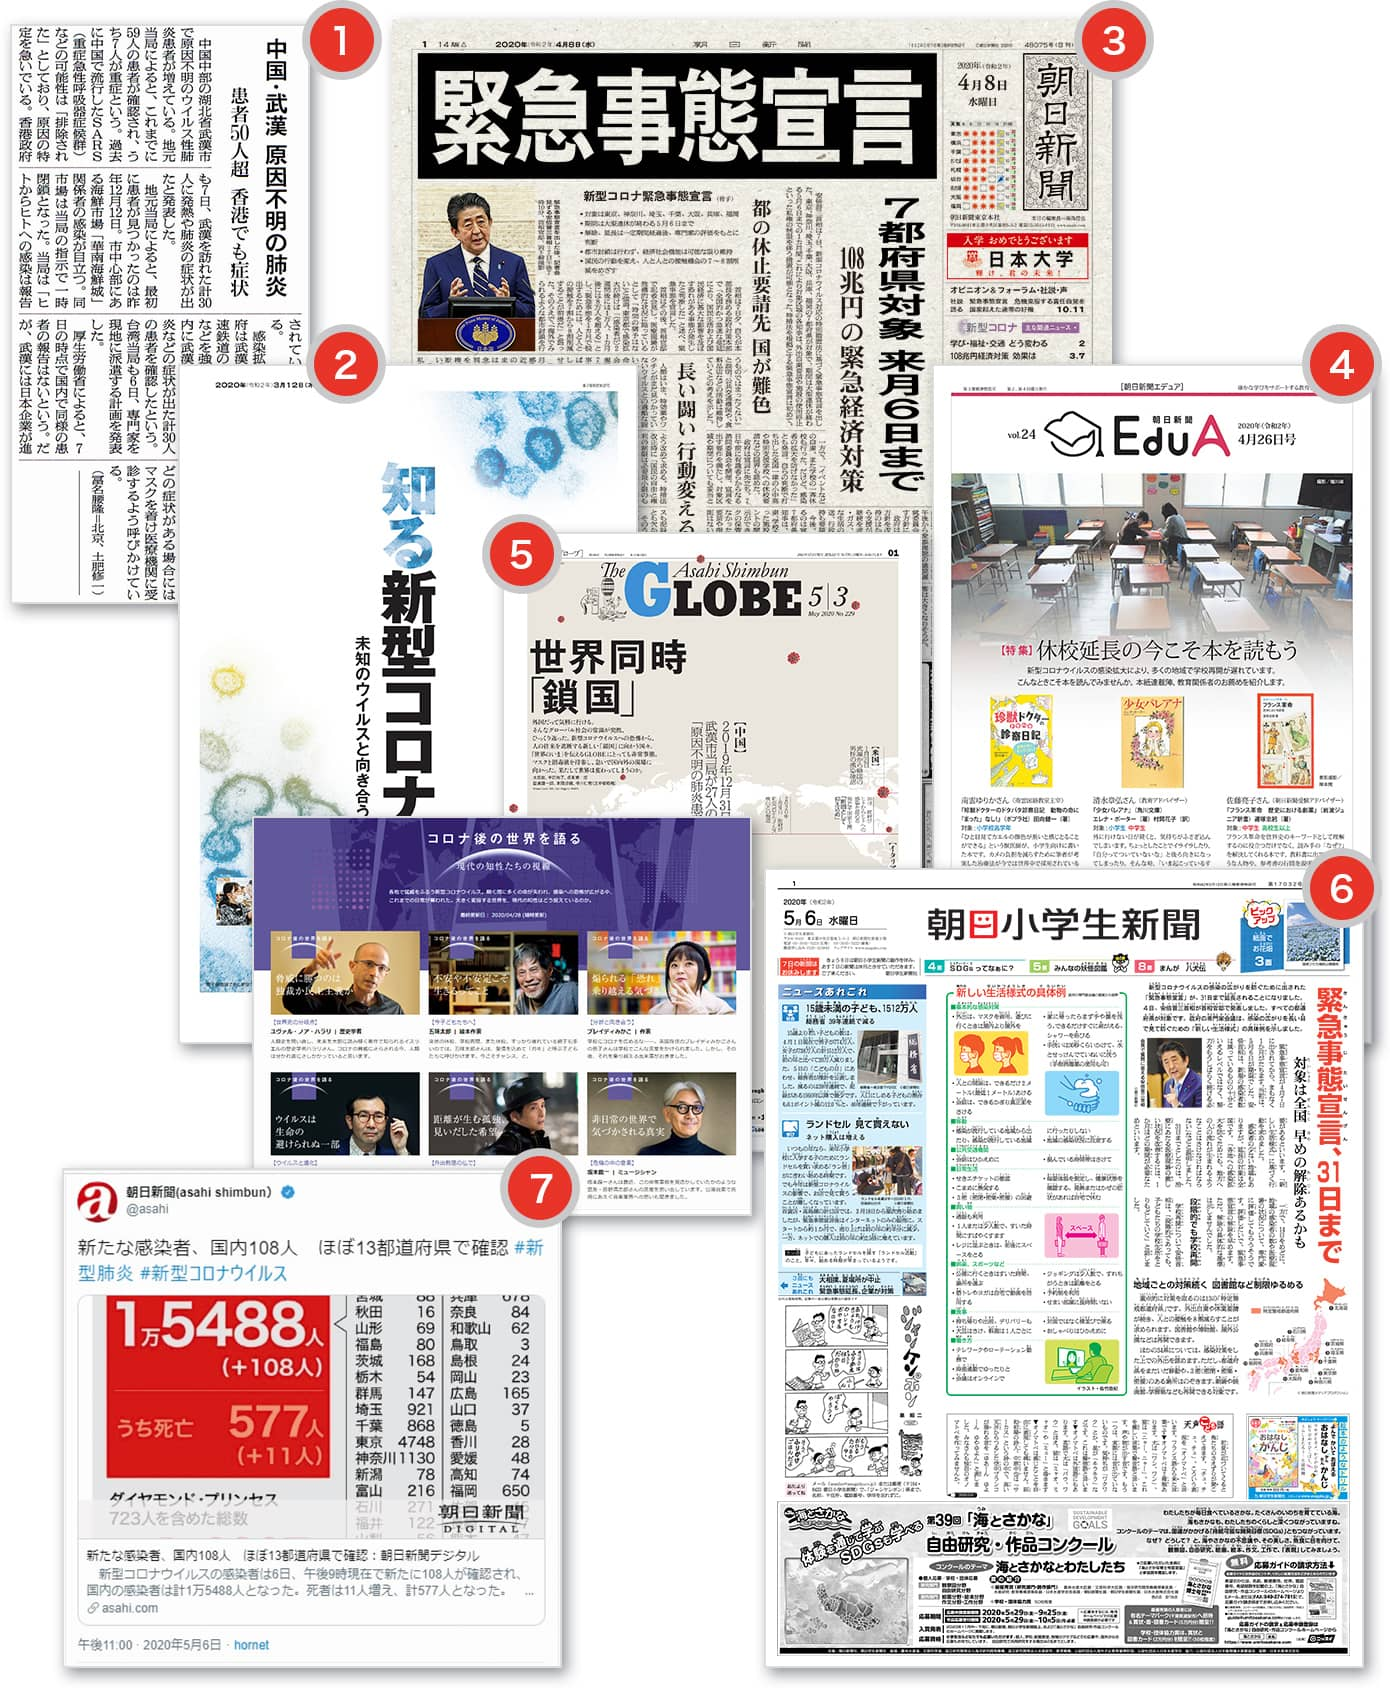 新聞やインターネットなどさまざまなメディア